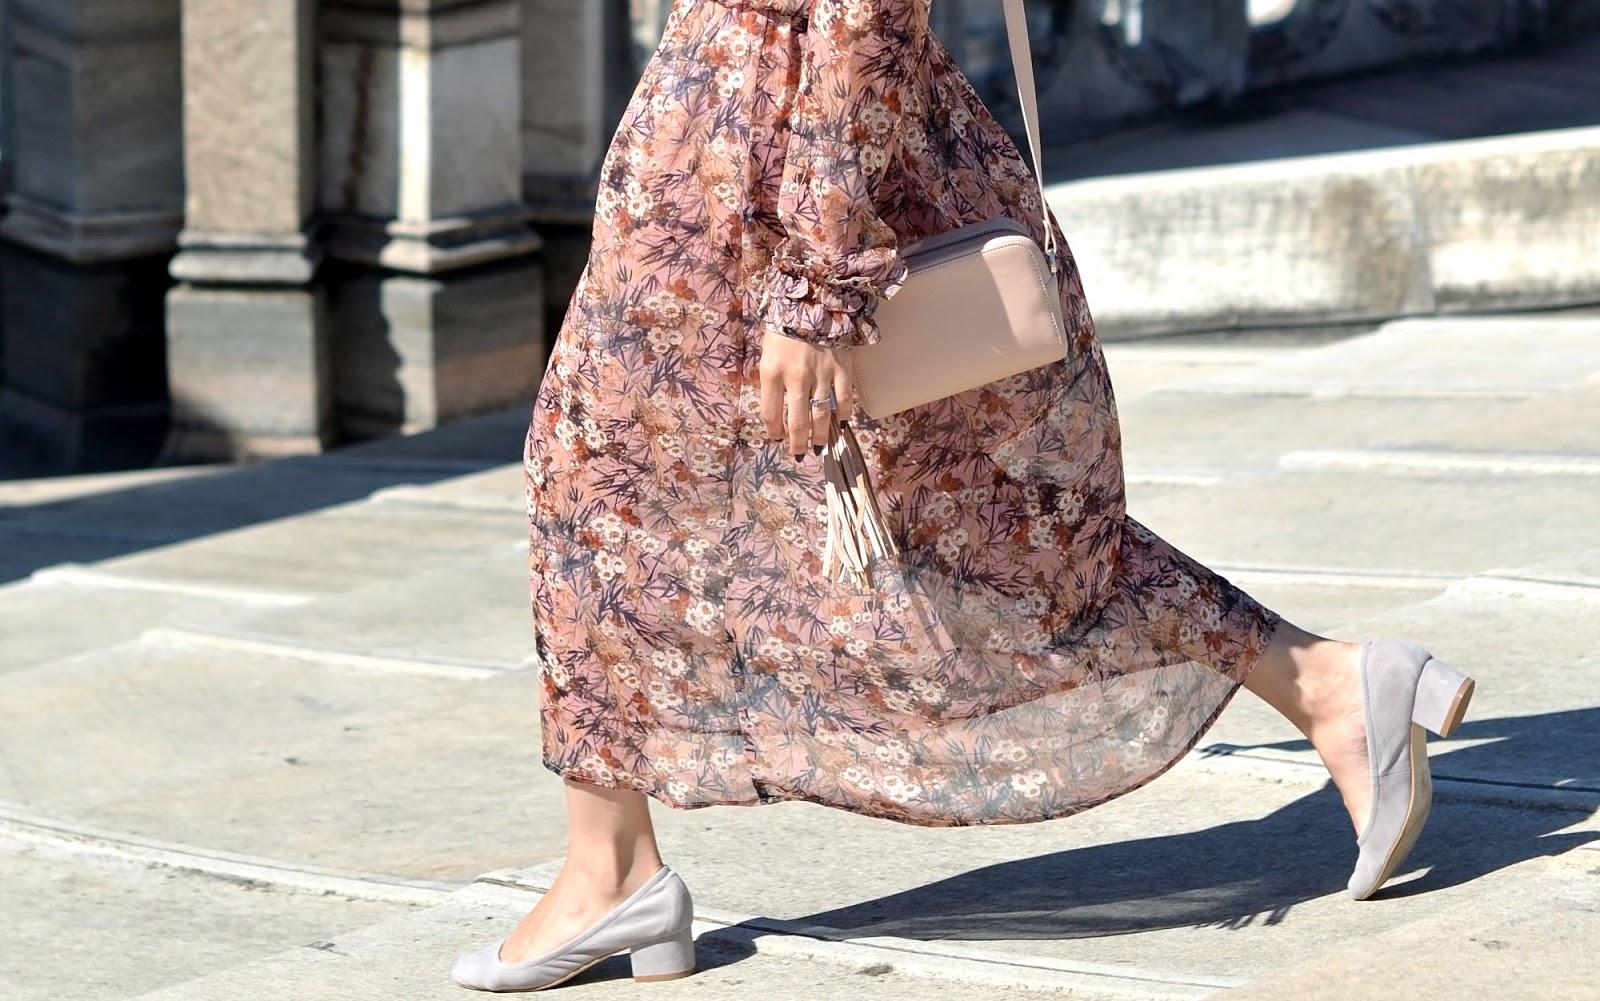 dluga sukienka | blog modowy | print | kwiatowy wzor jak nosic | elegancja i styl | cammy